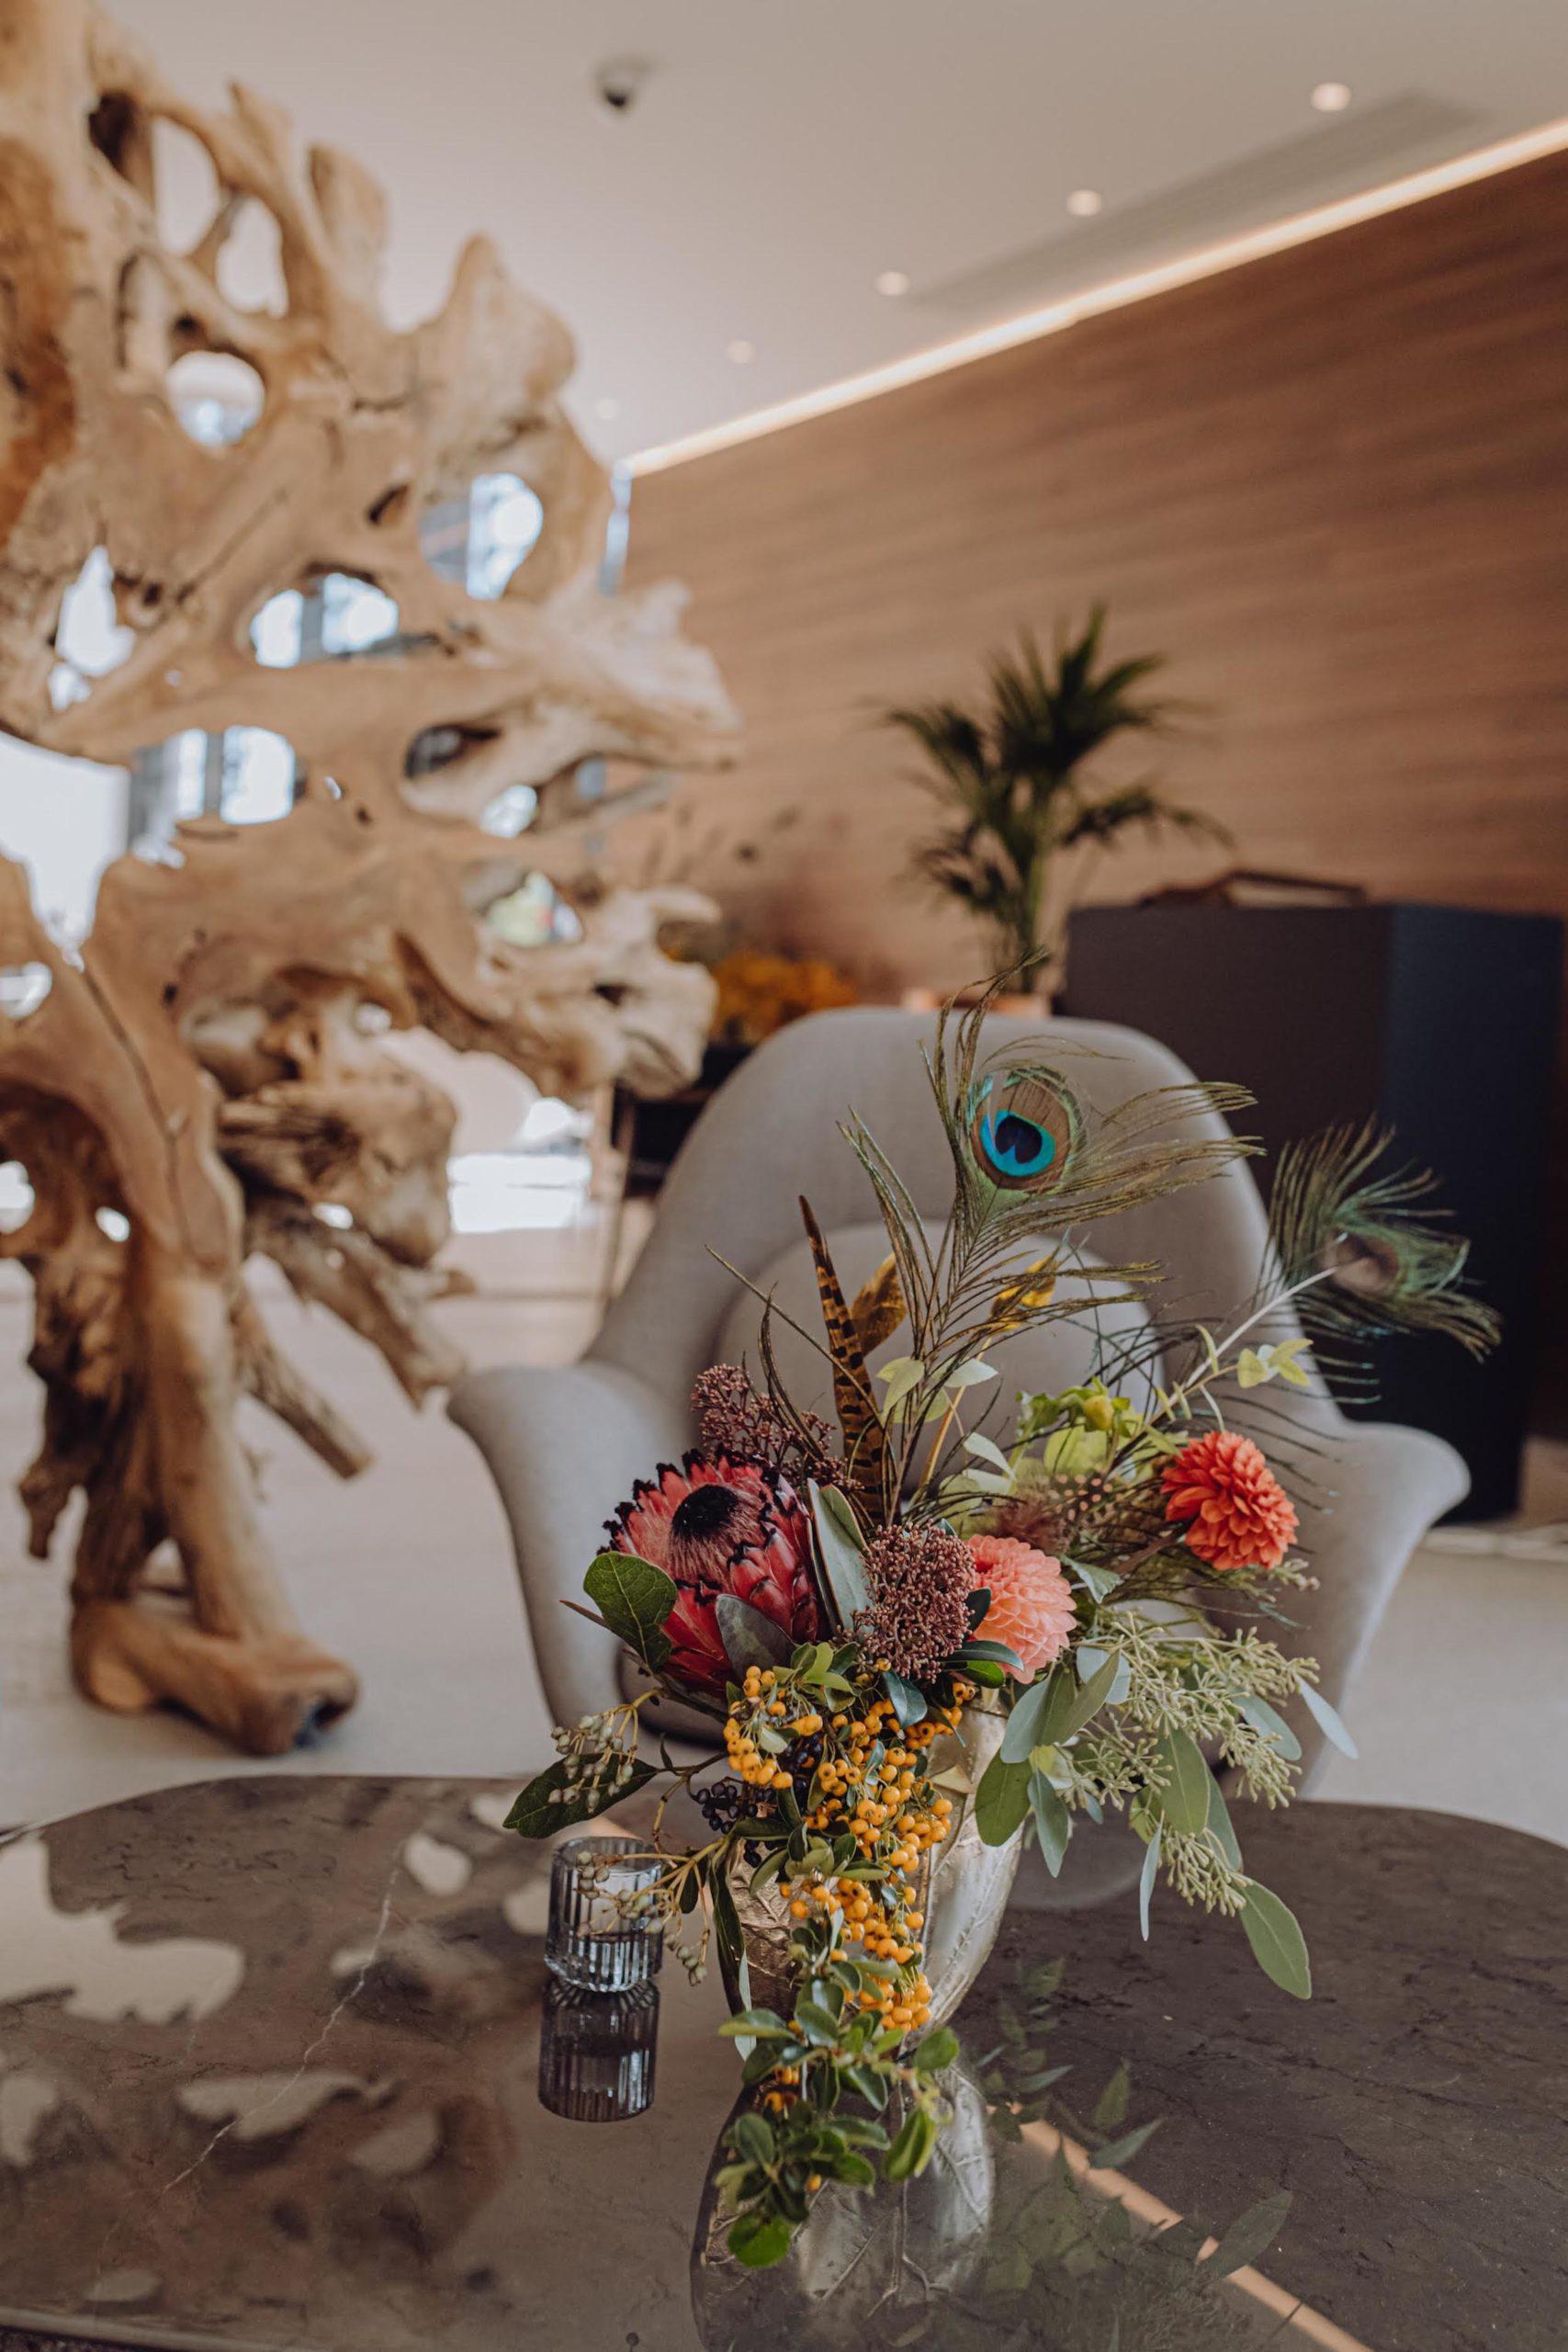 Reflets Fleurs - Scénographe floral - Fleuriste évènements Paris - Inauguration Hotel Les oiseaux Paris